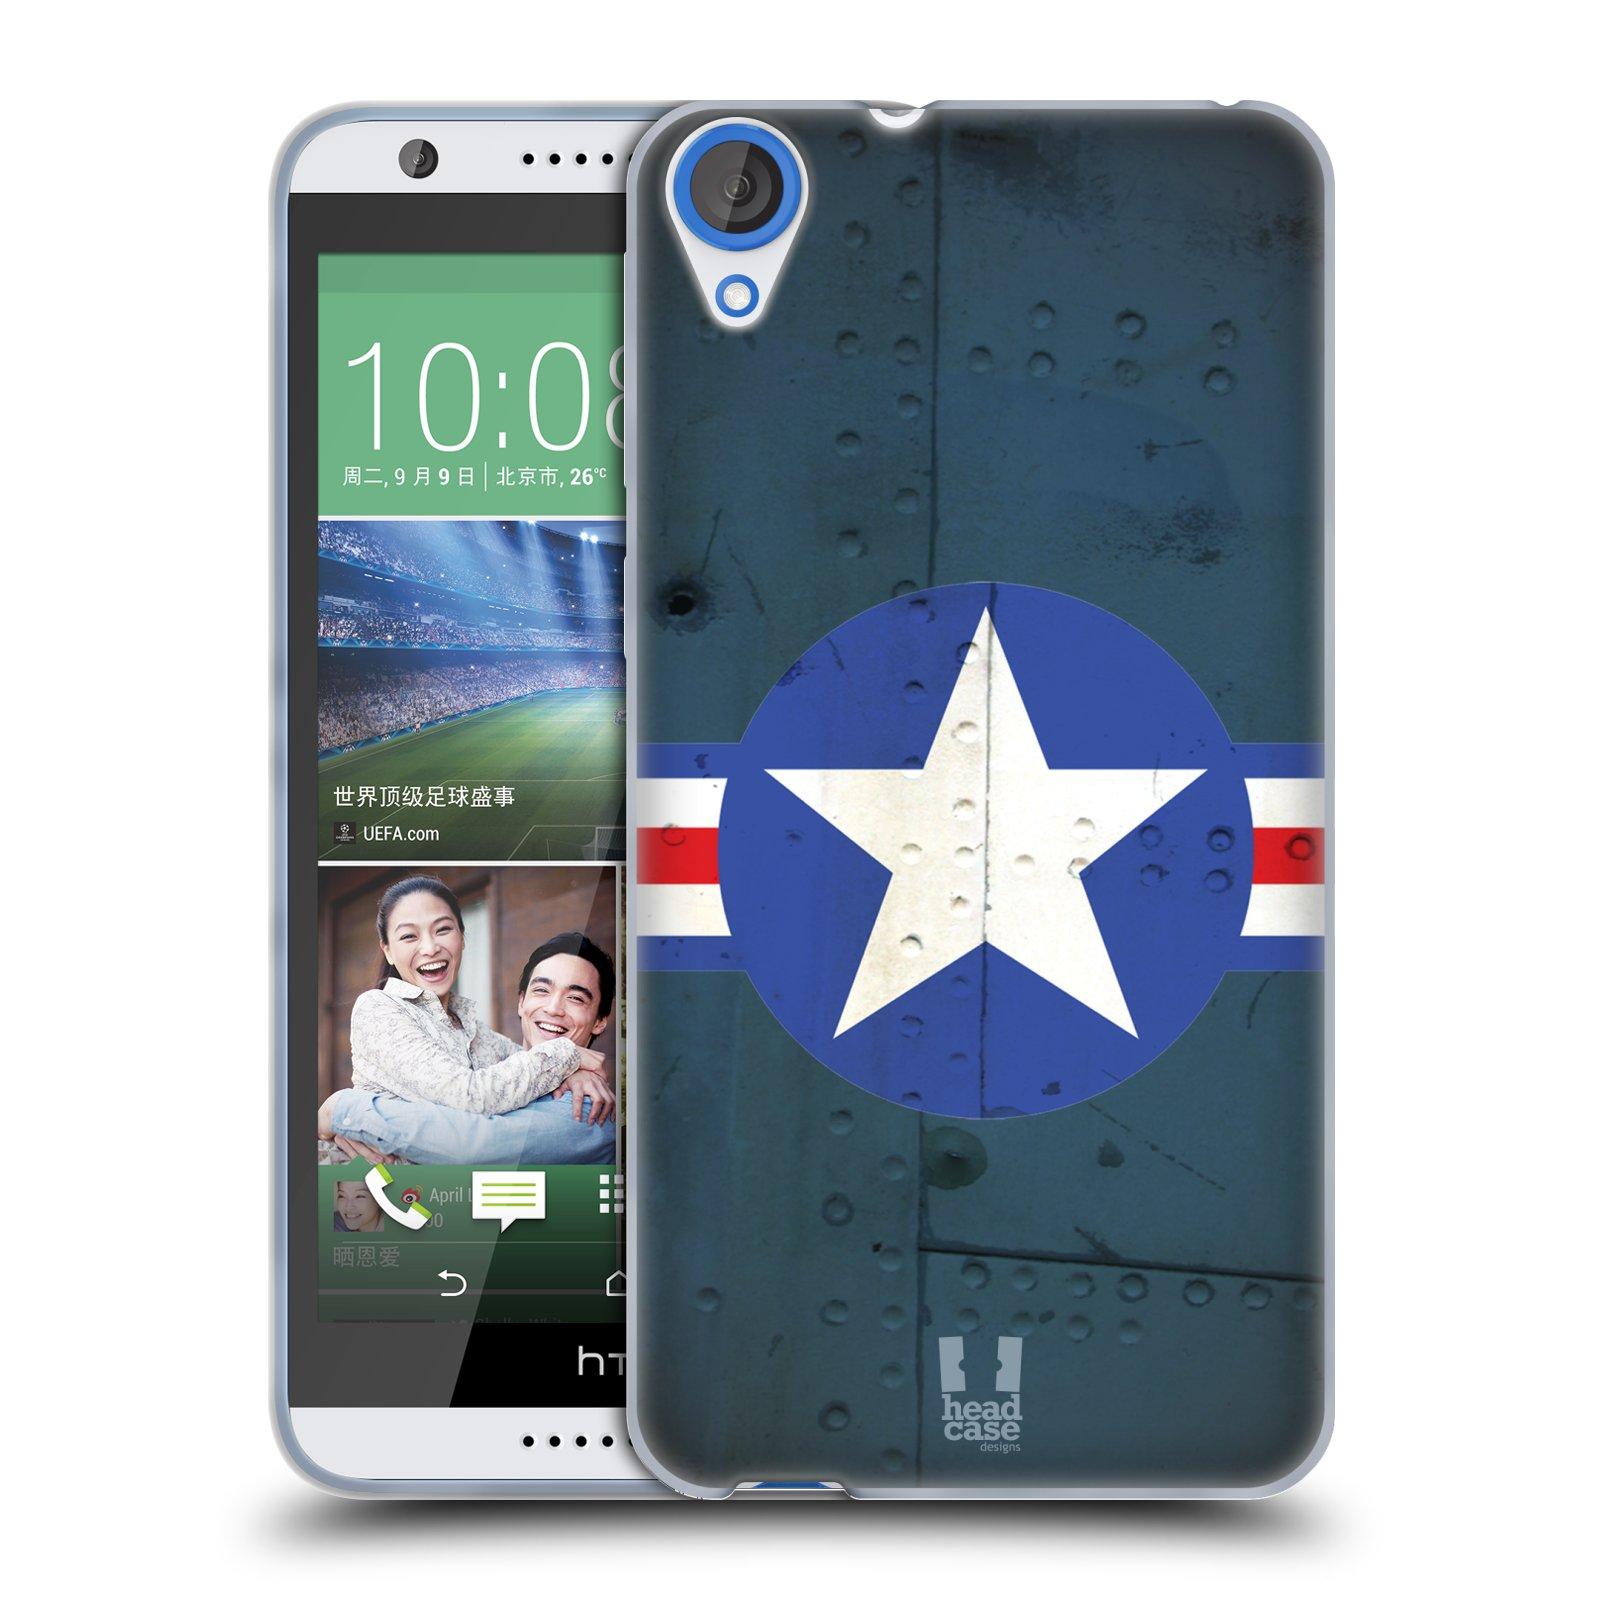 Silikonové pouzdro na mobil HTC Desire 820 HEAD CASE POSTWAR (Silikonový kryt či obal na mobilní telefon HTC Desire 820)